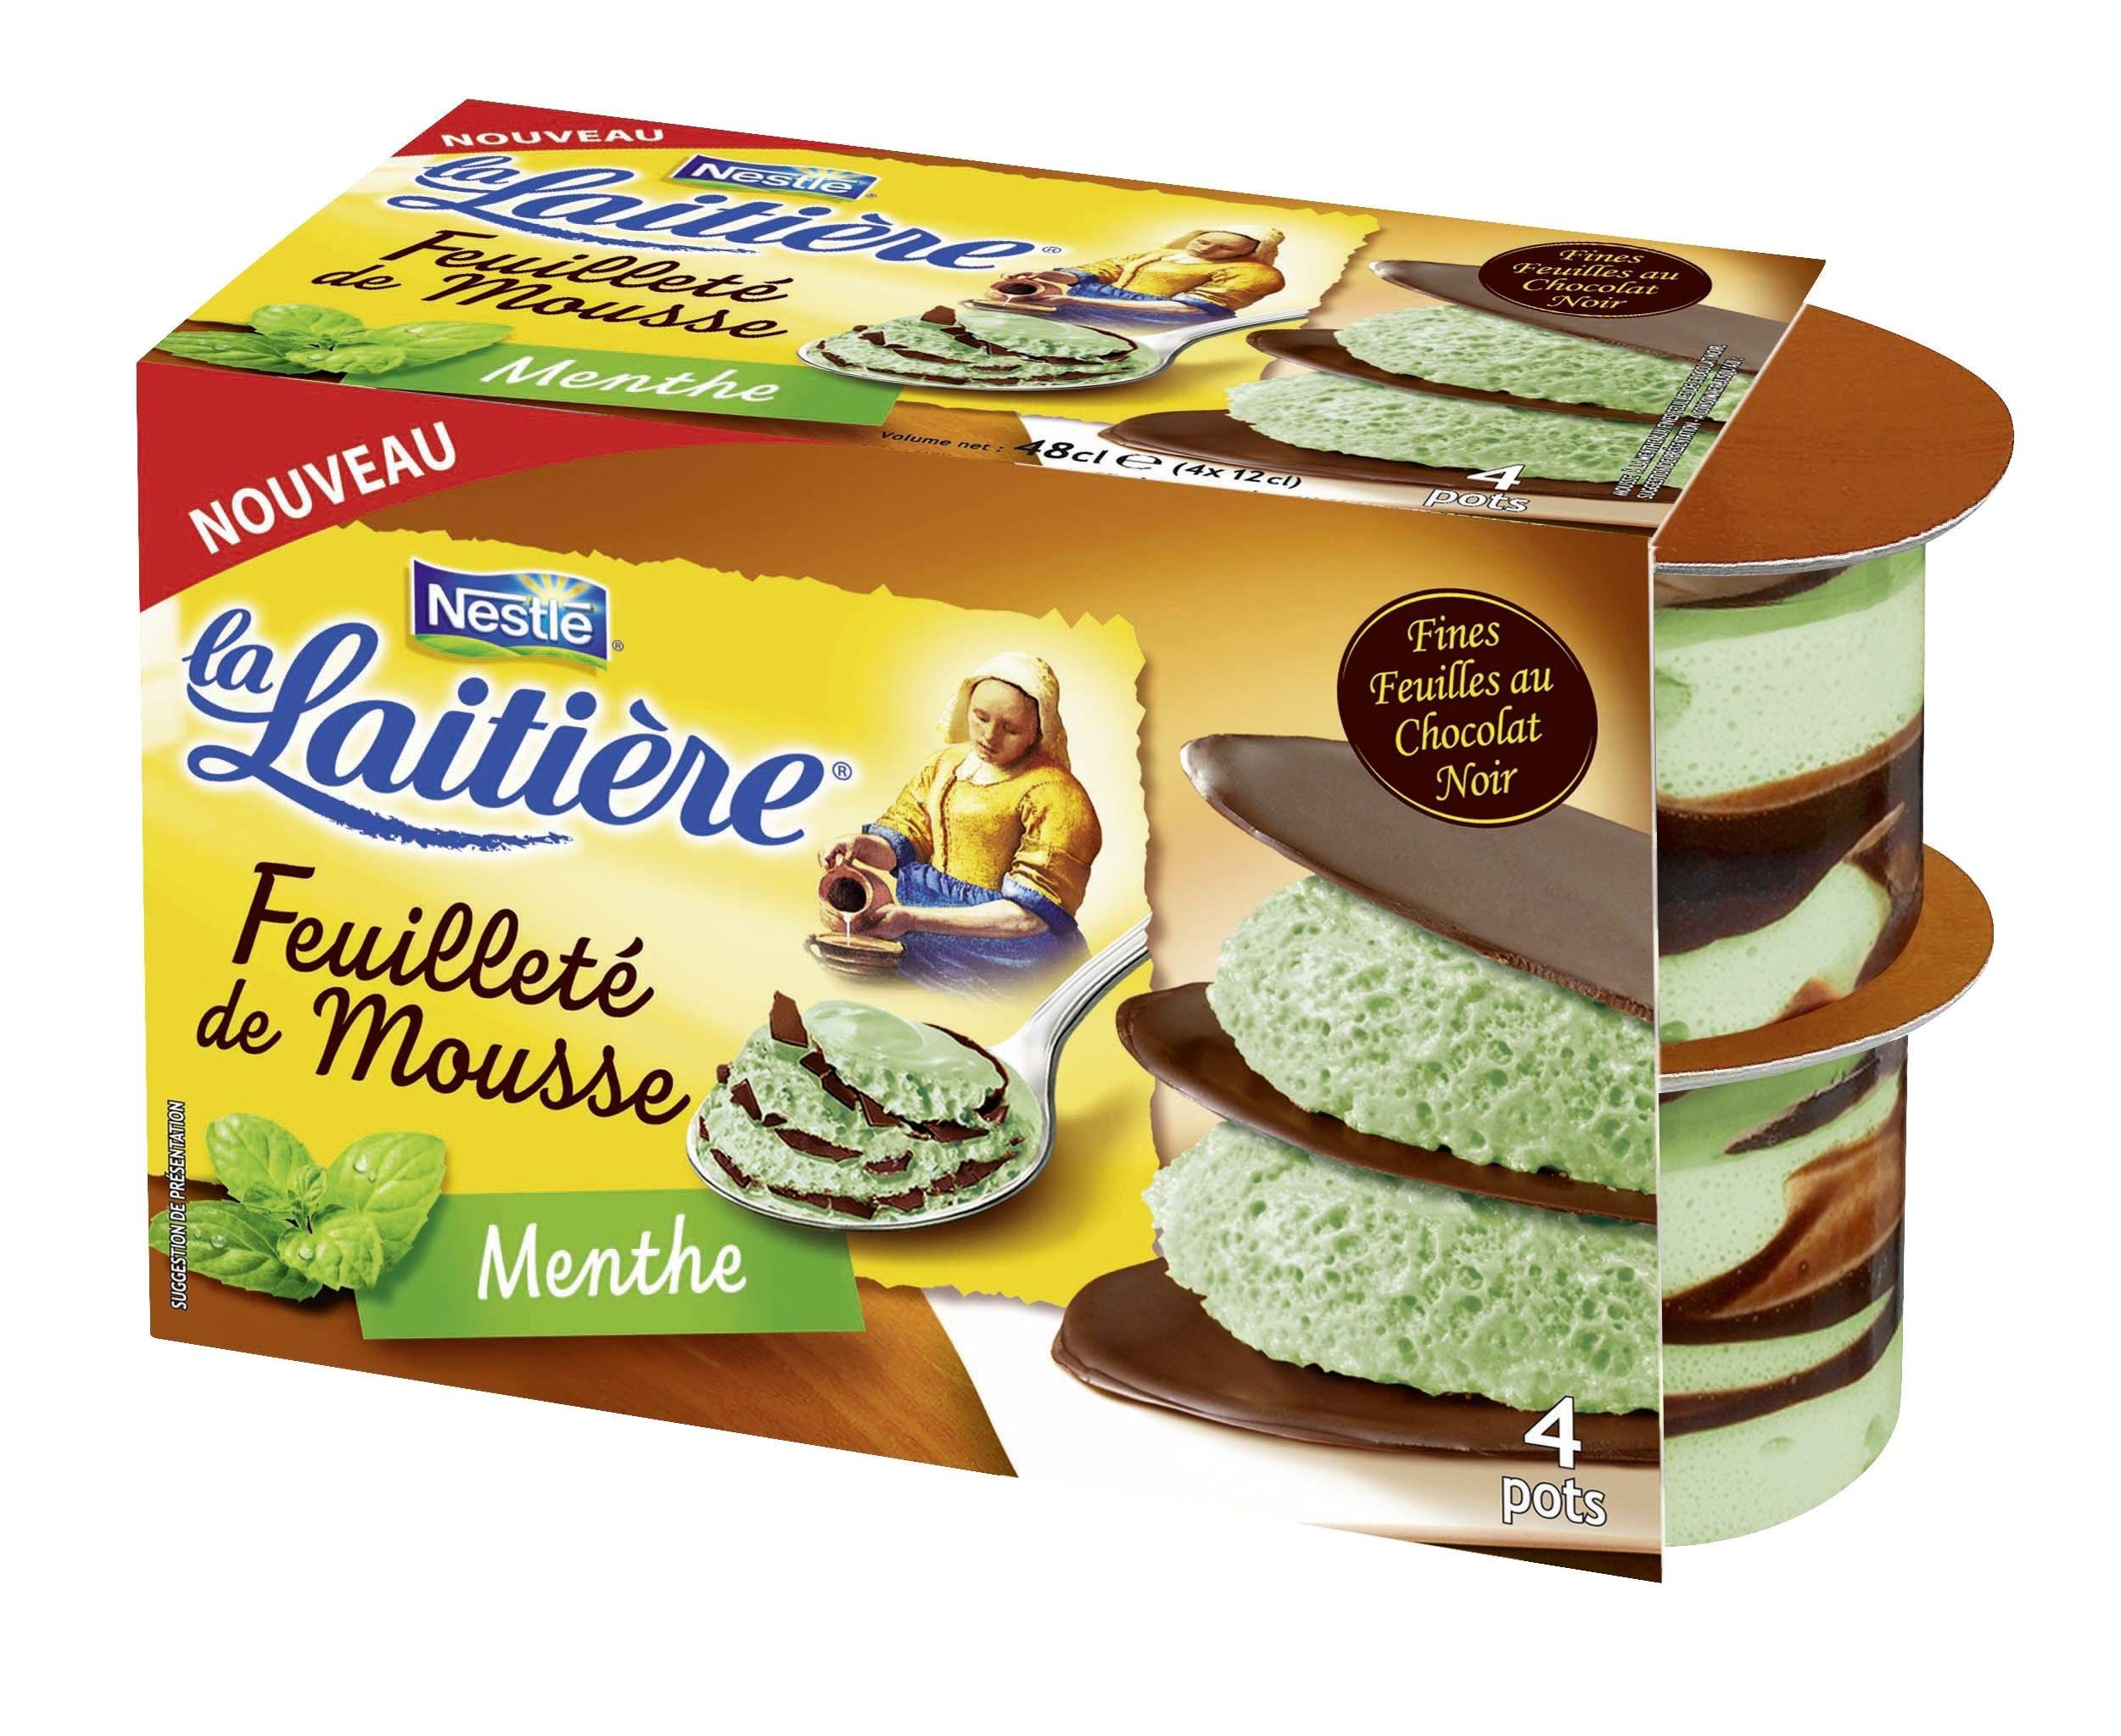 nestle la laitiere mousse google 39 da ara dairy desserts pinterest mousse and search. Black Bedroom Furniture Sets. Home Design Ideas